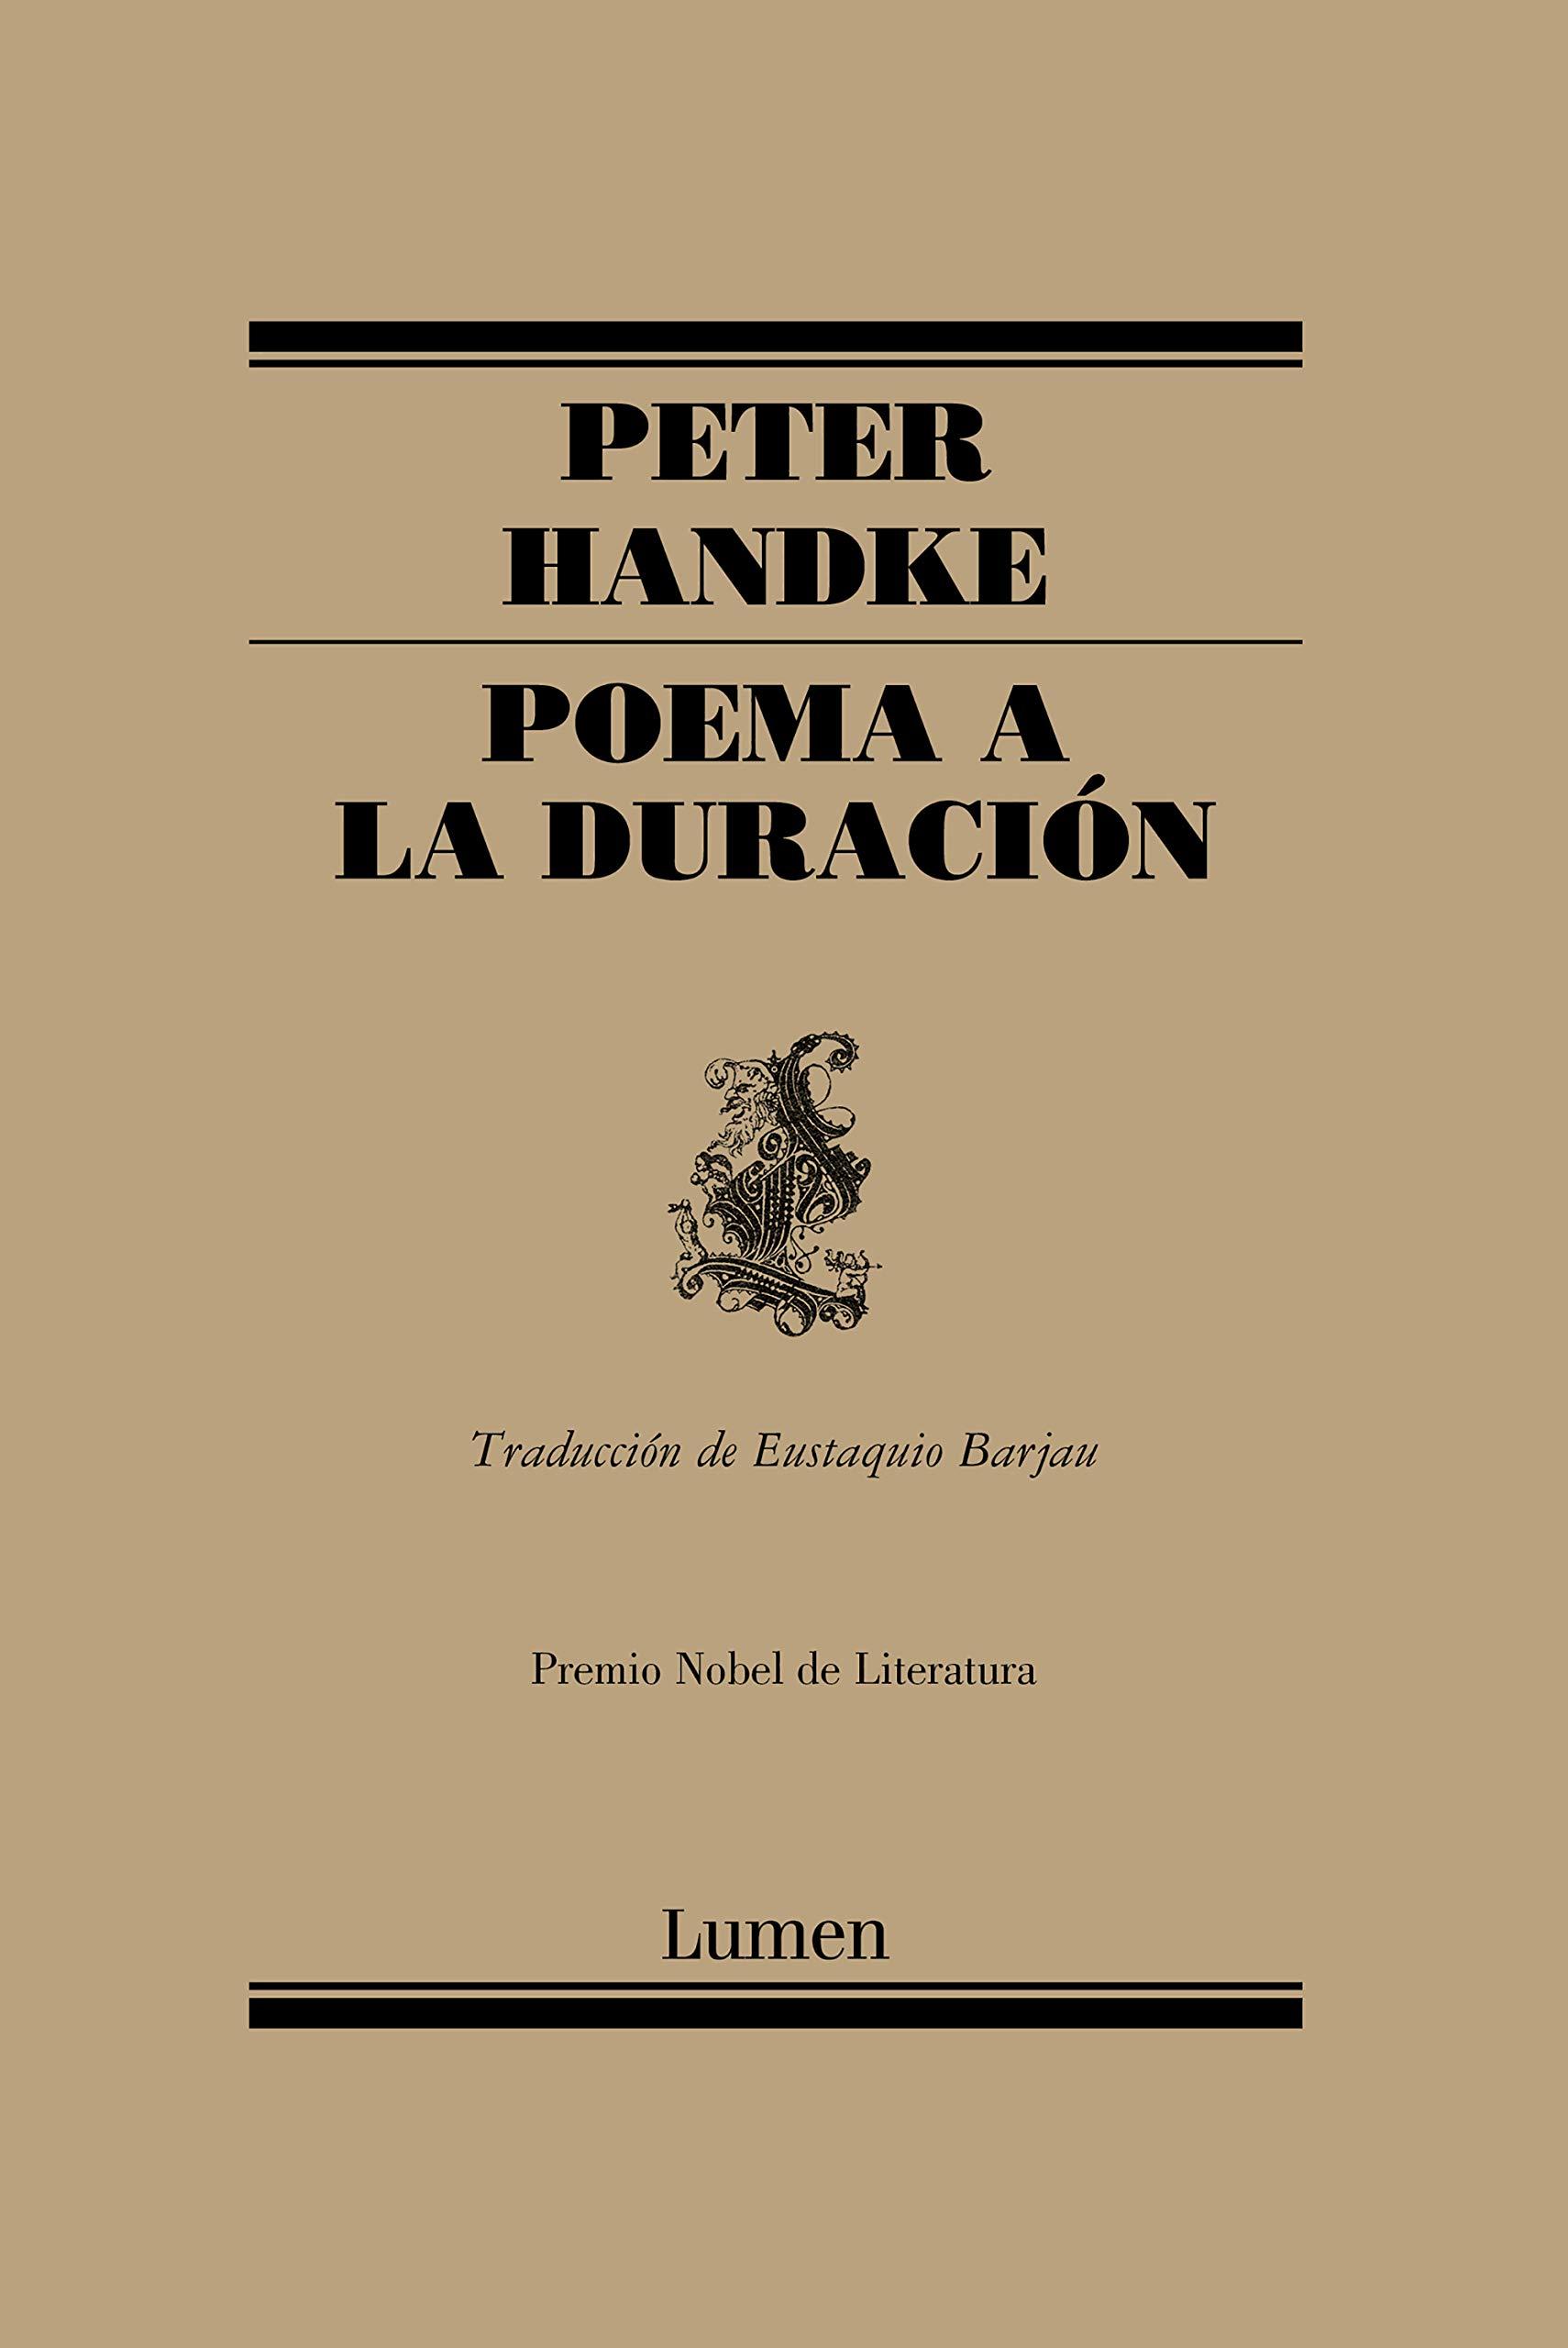 Poema a la duración (Poesía): Amazon.es: Handke, Peter: Libros